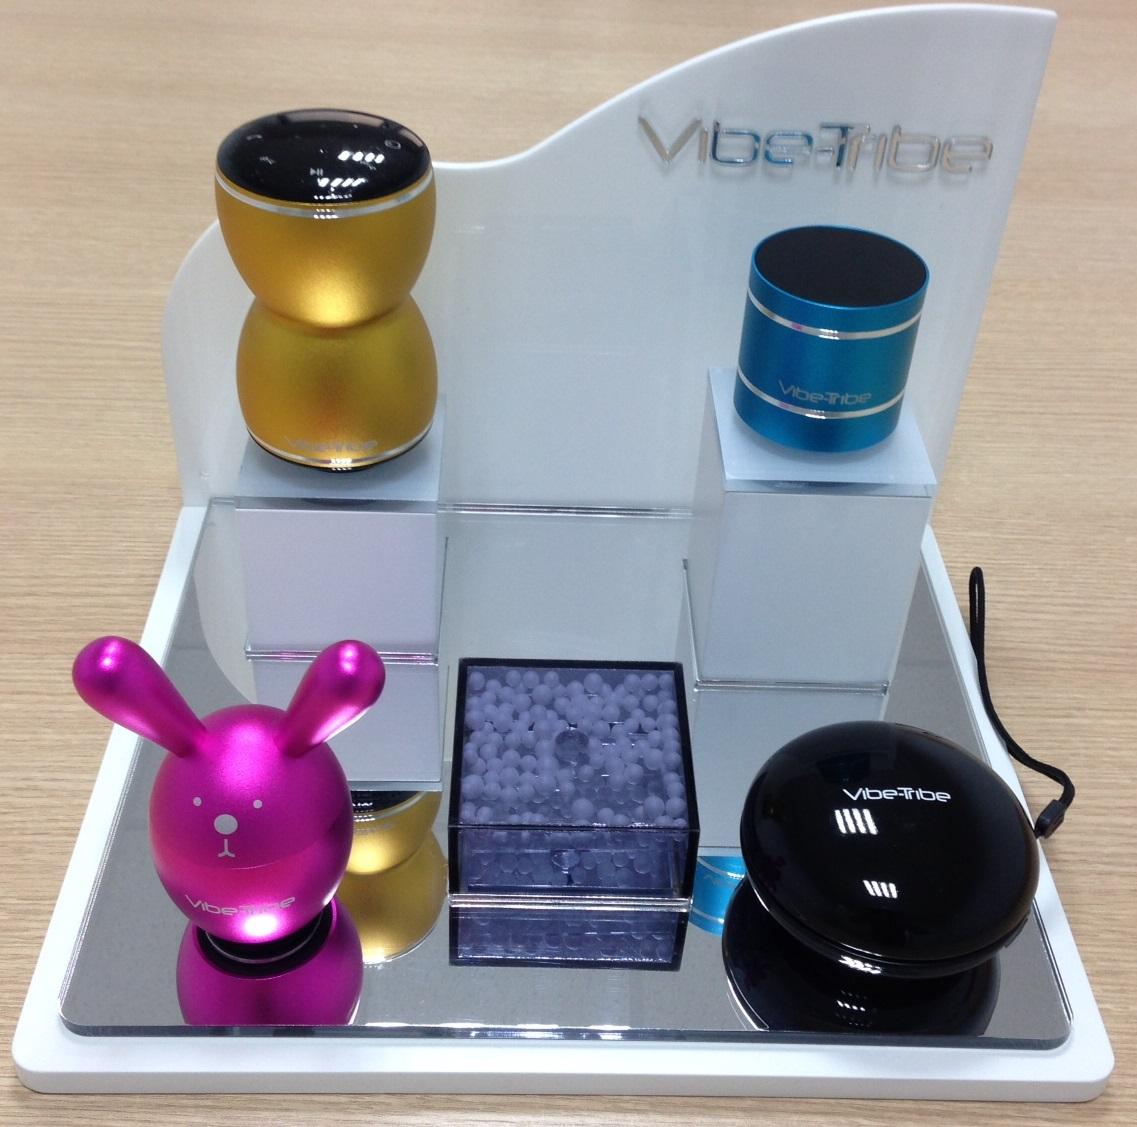 Vibe-Tribe Ninja Black Głośnik wibracyjny RMS 3W (czarny)